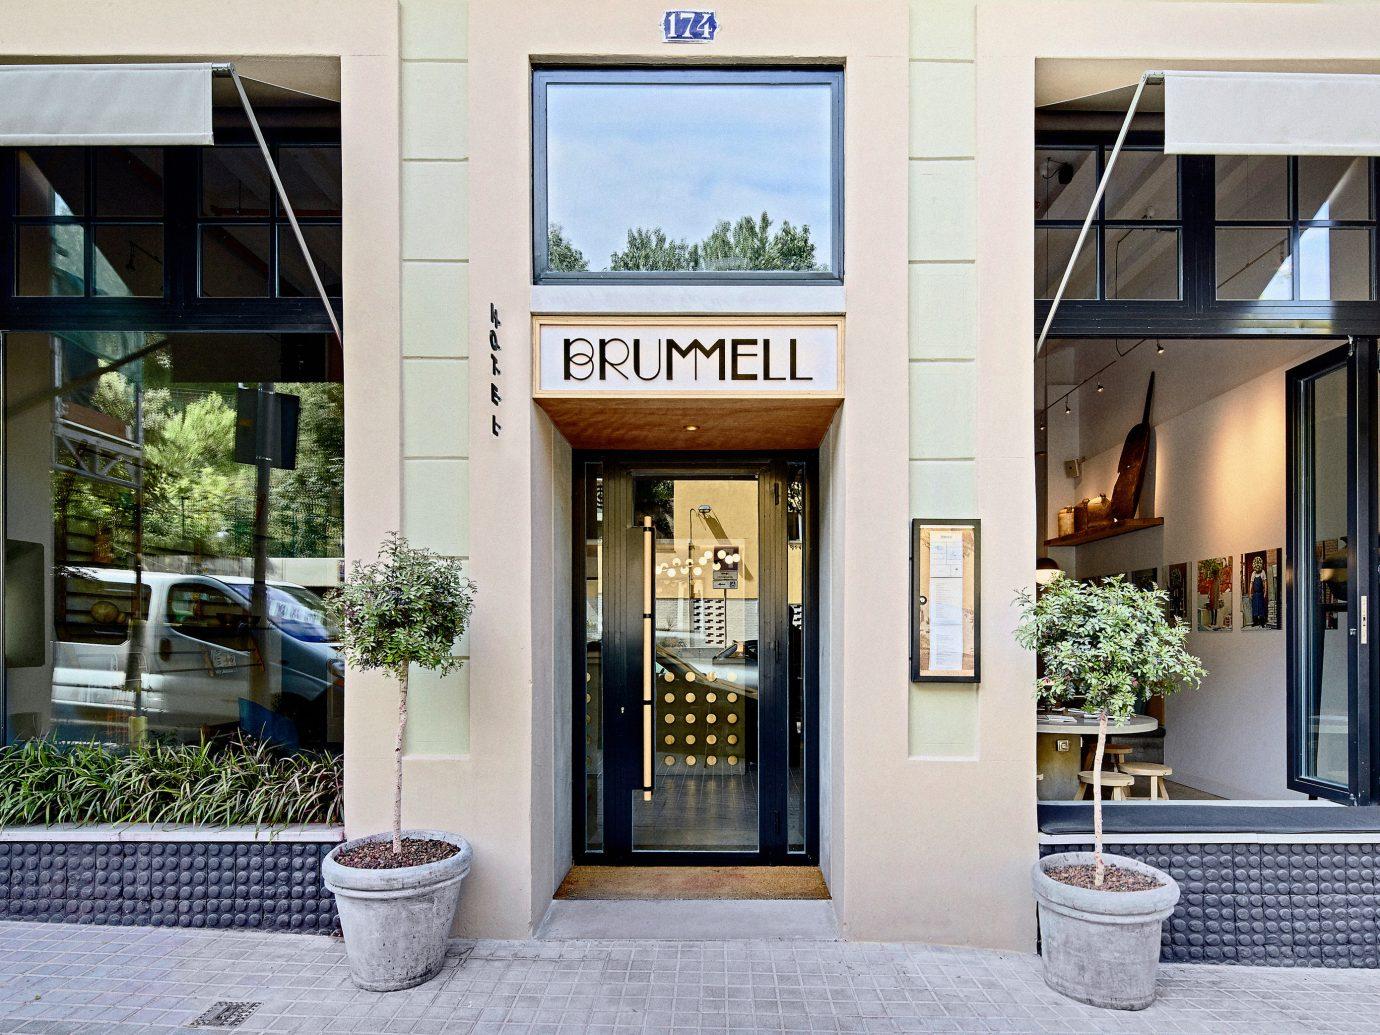 Barcelona Hotels Spain outdoor facade real estate door building window stone